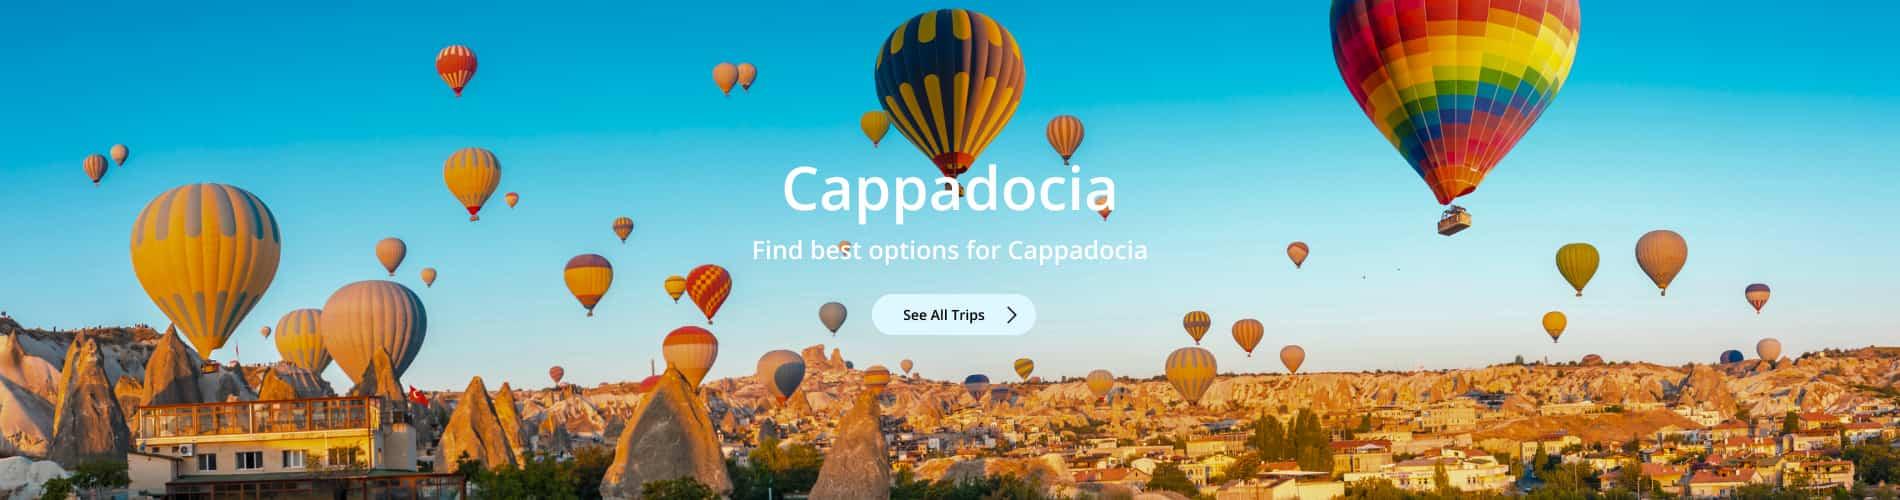 Cappadocia Trips